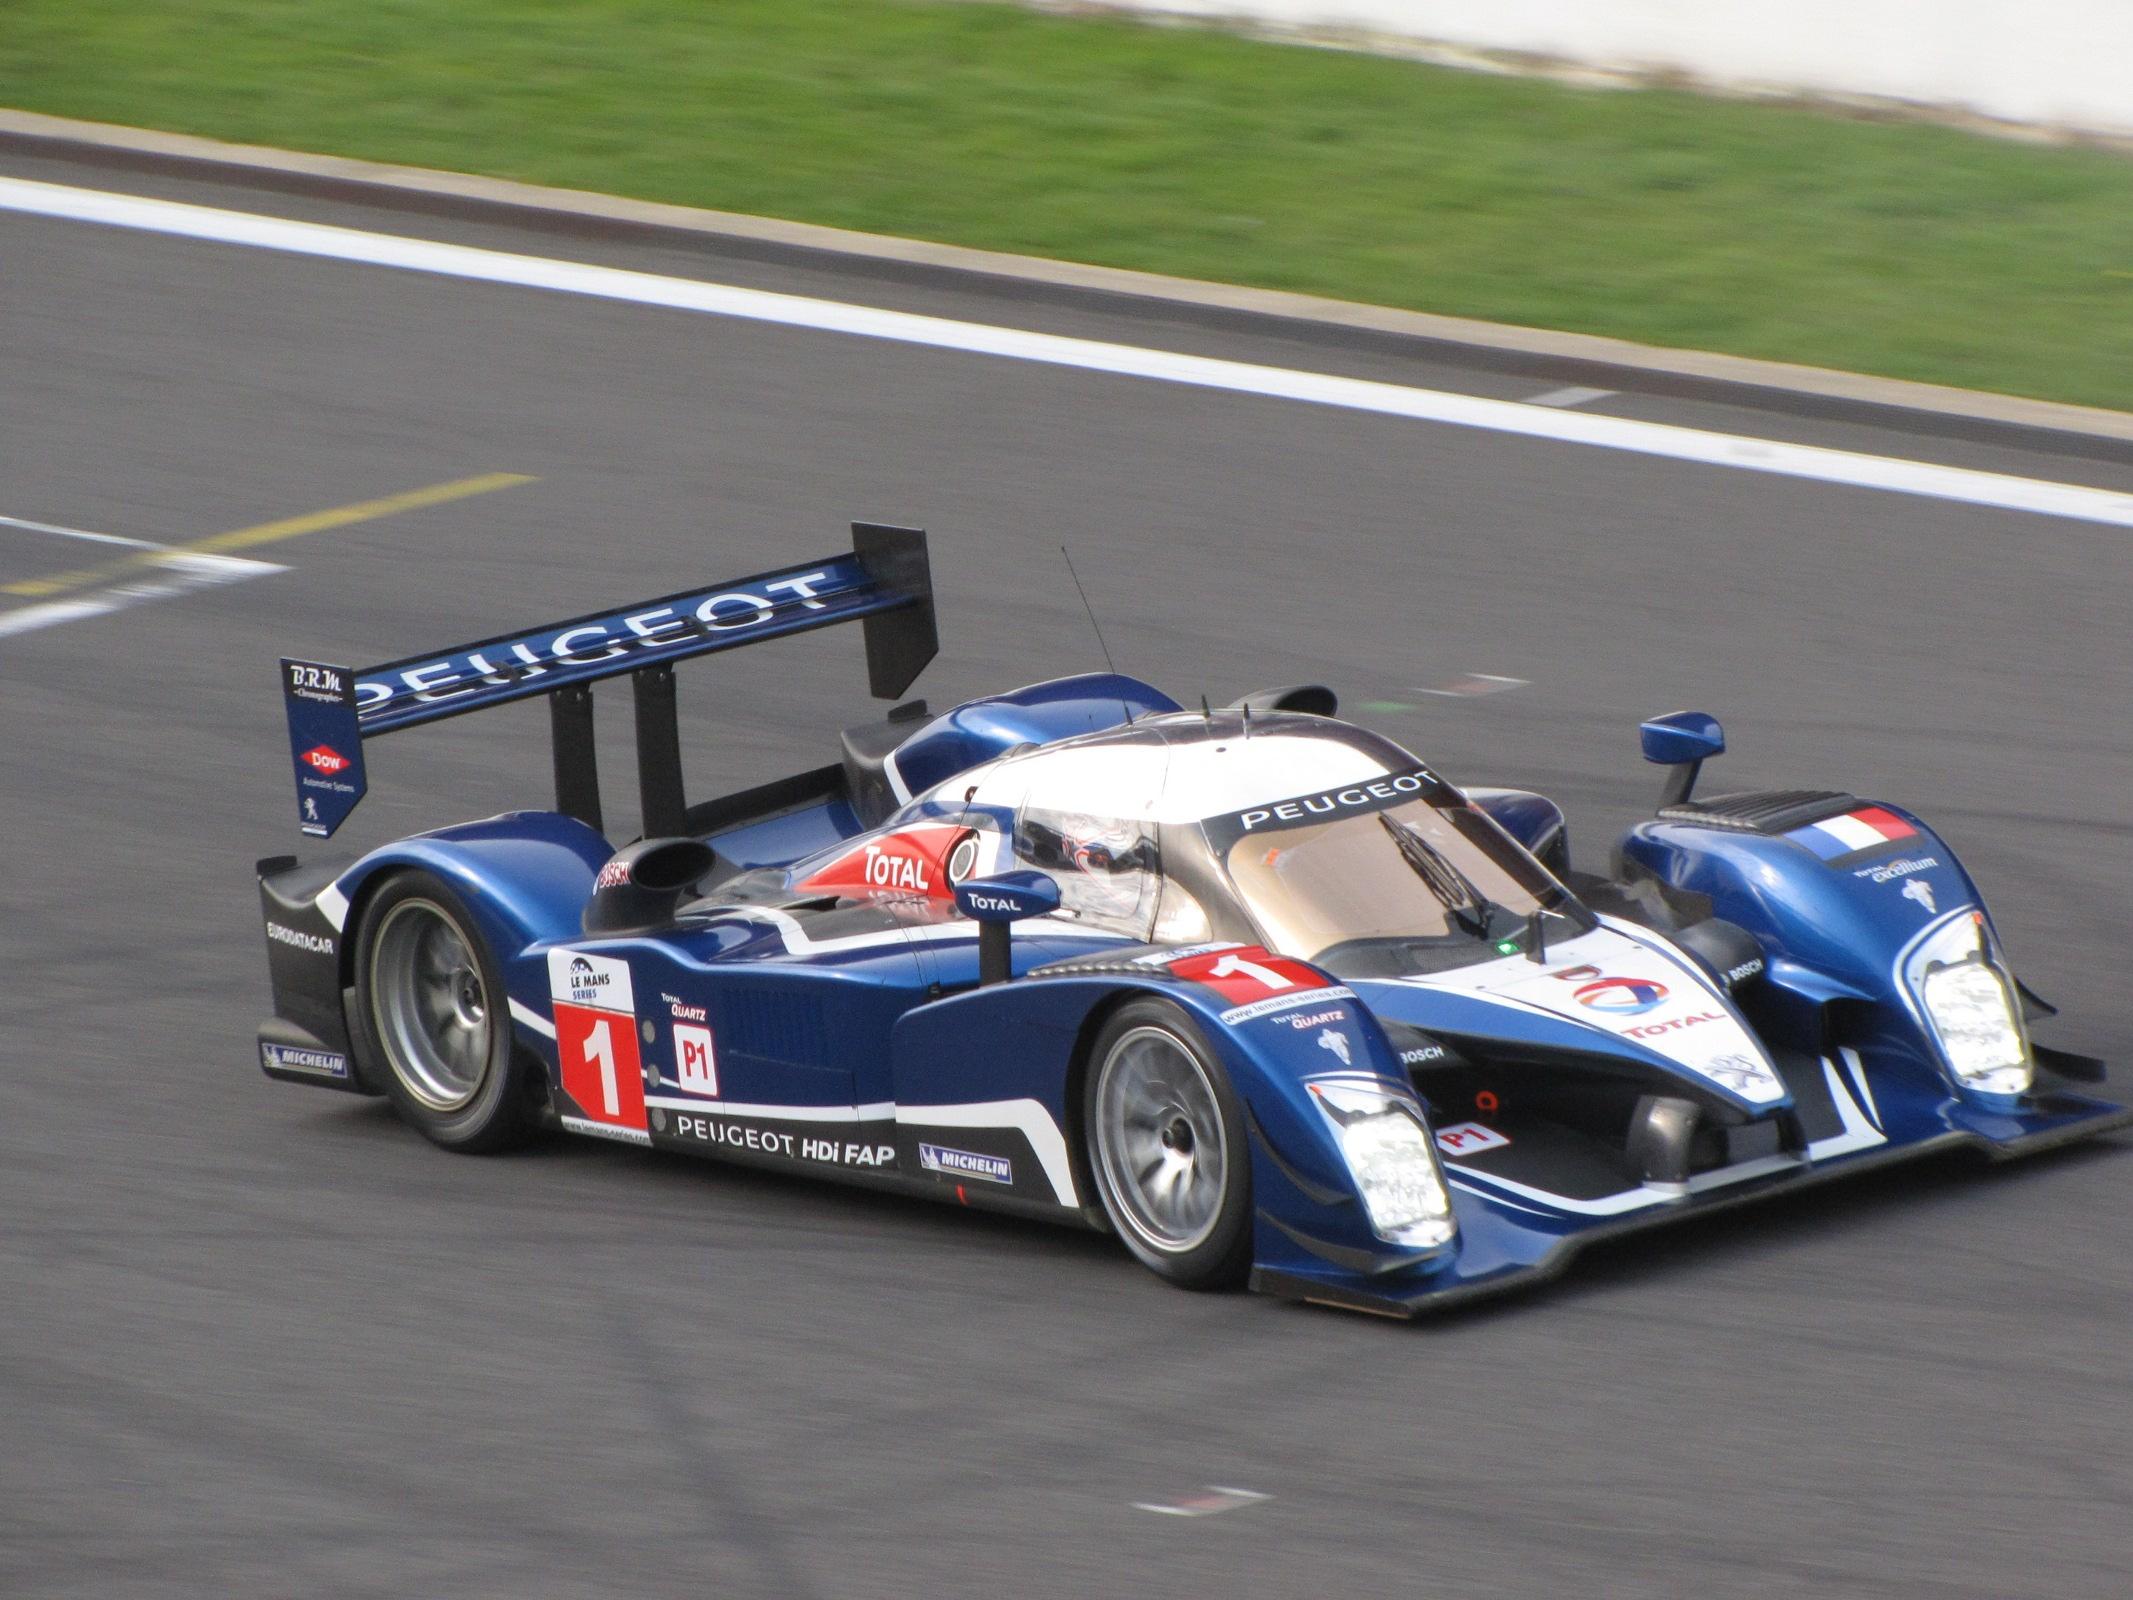 Peugeot_908_Nr1_Spa_2010.JPG